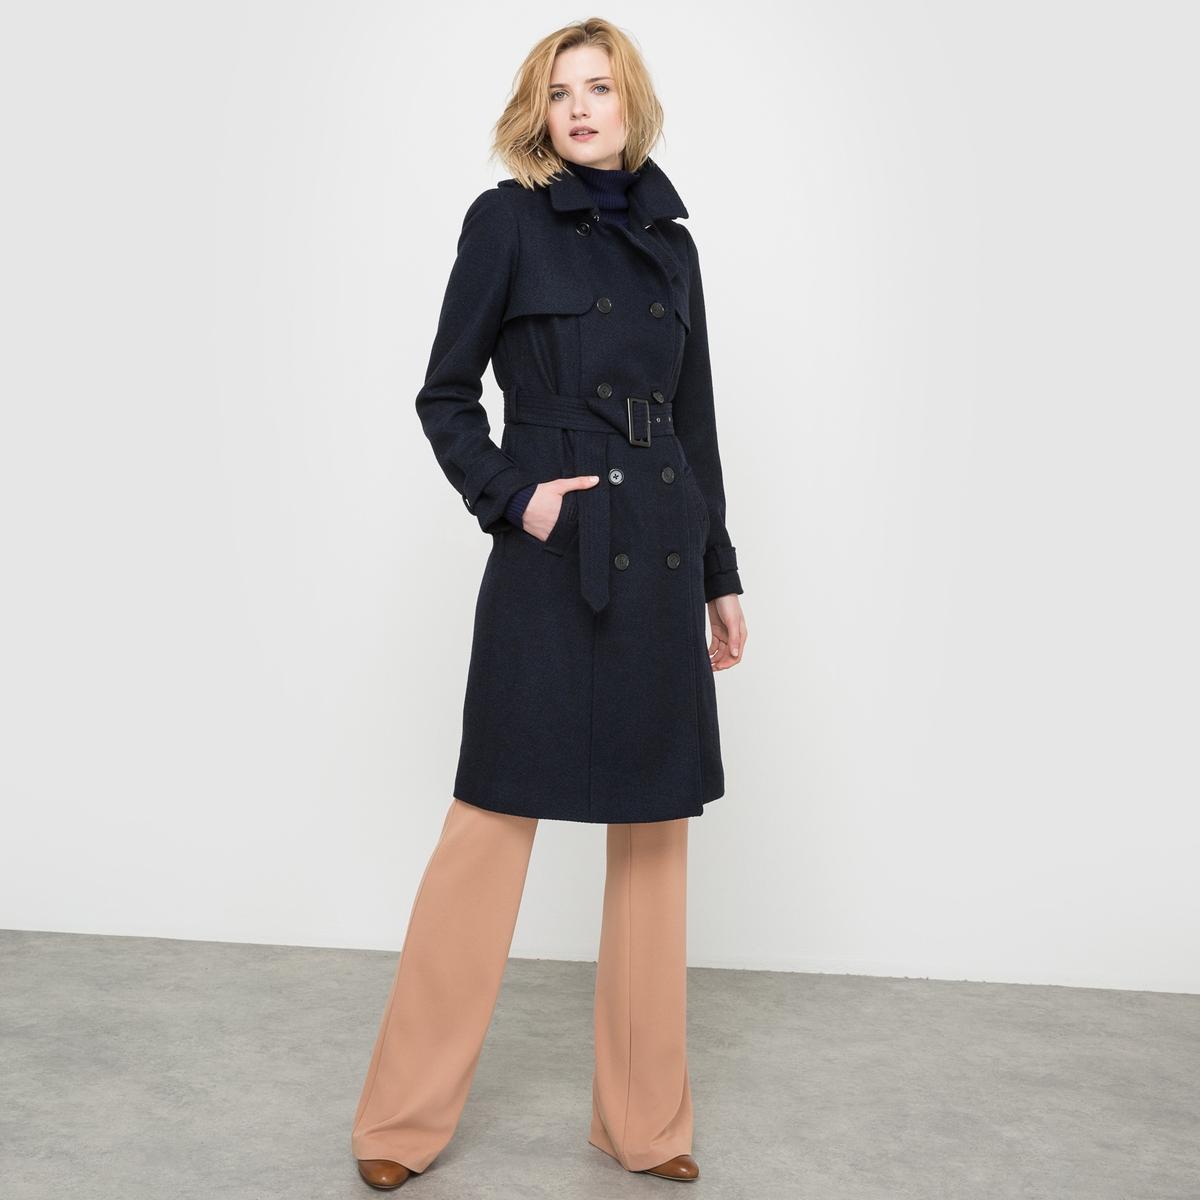 Тренчкот из шерстяного драпа пальто зимнее из шерстяного драпа